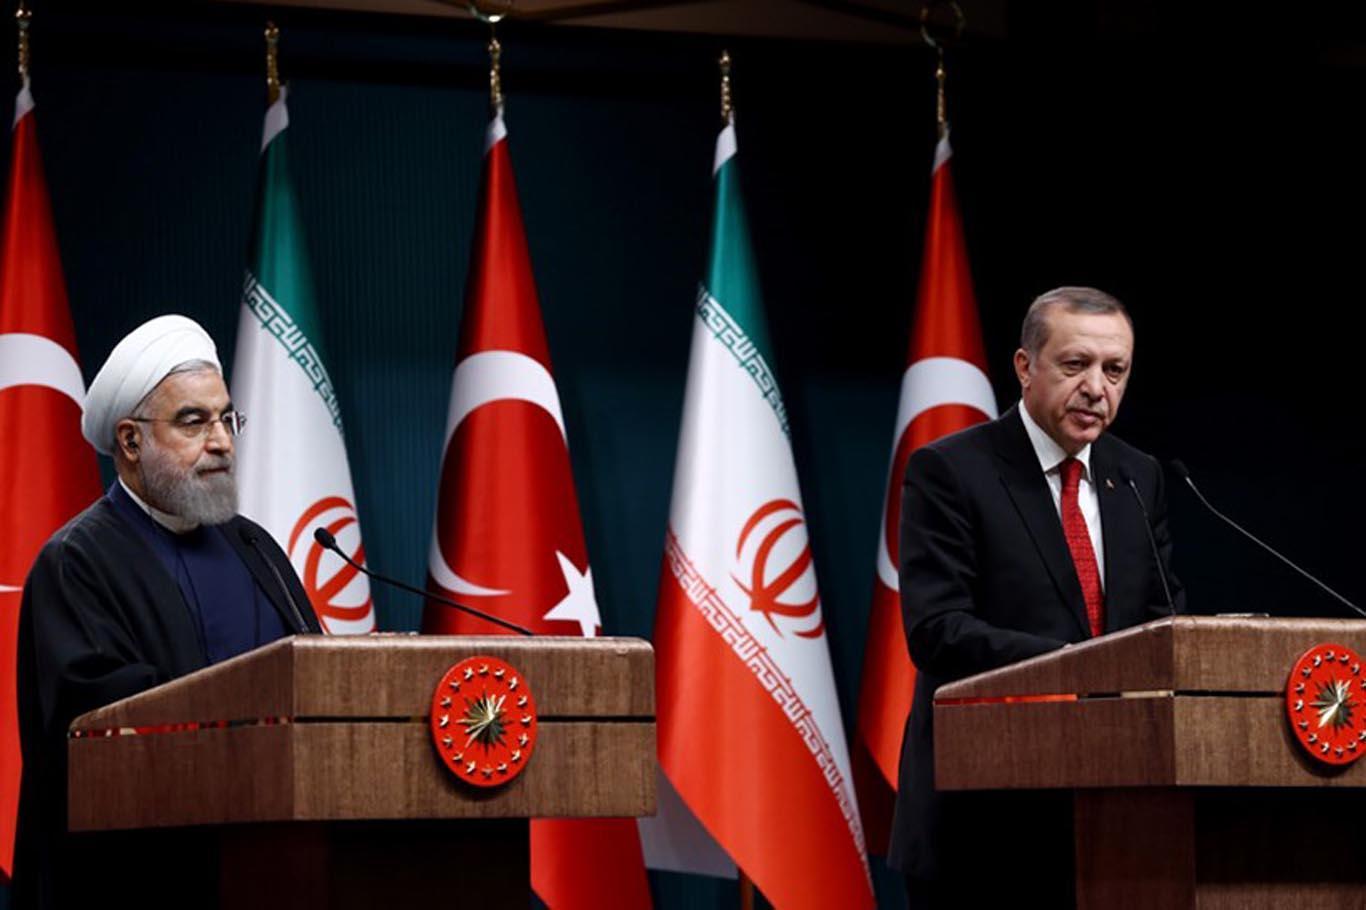 روابط دو کشور باید در شان ظرفیتهای بزرگ همکاری در ایران و ترکیه باشد